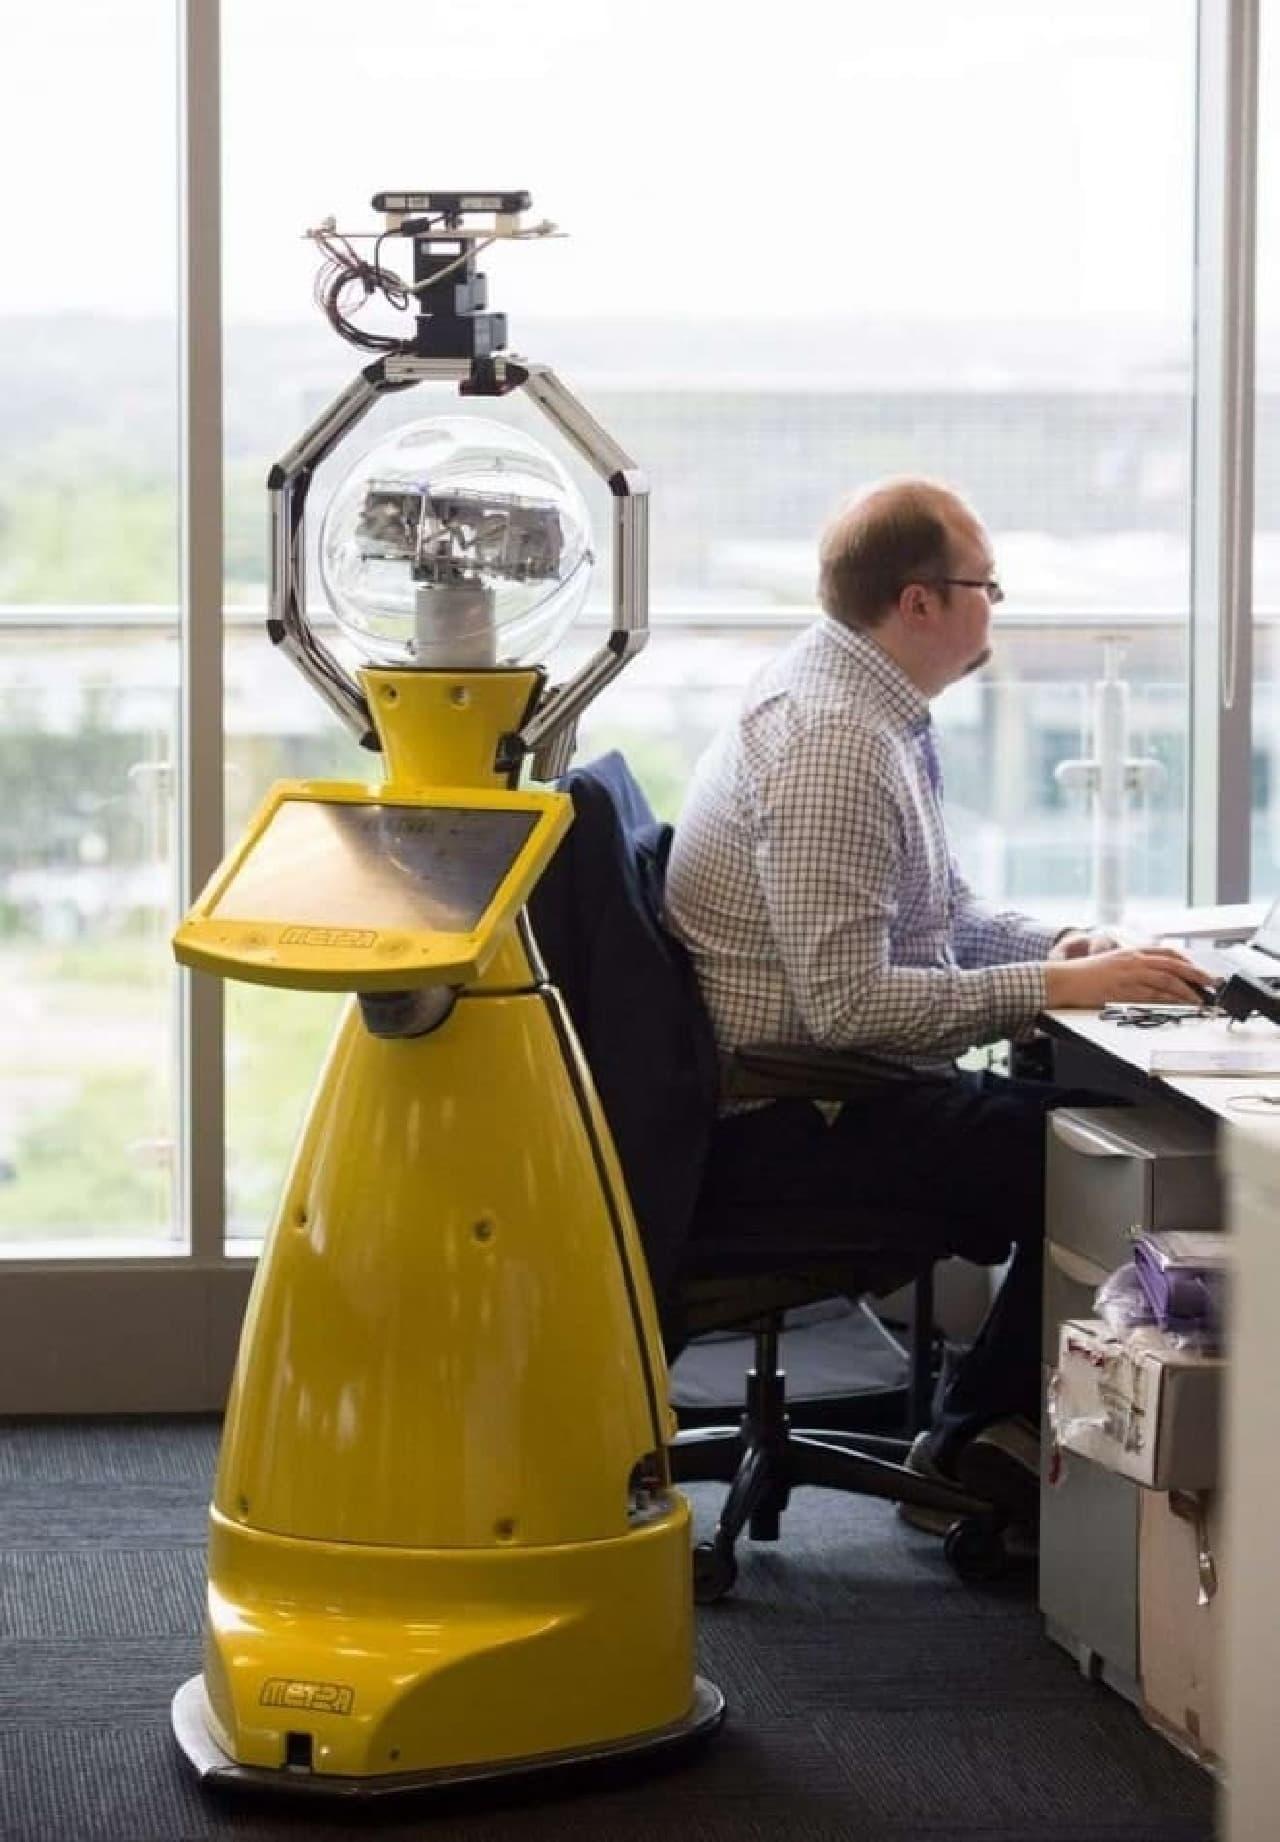 オフィスマネージャー見習いとして勤務するBetty  credit:John James/University of Birmingham